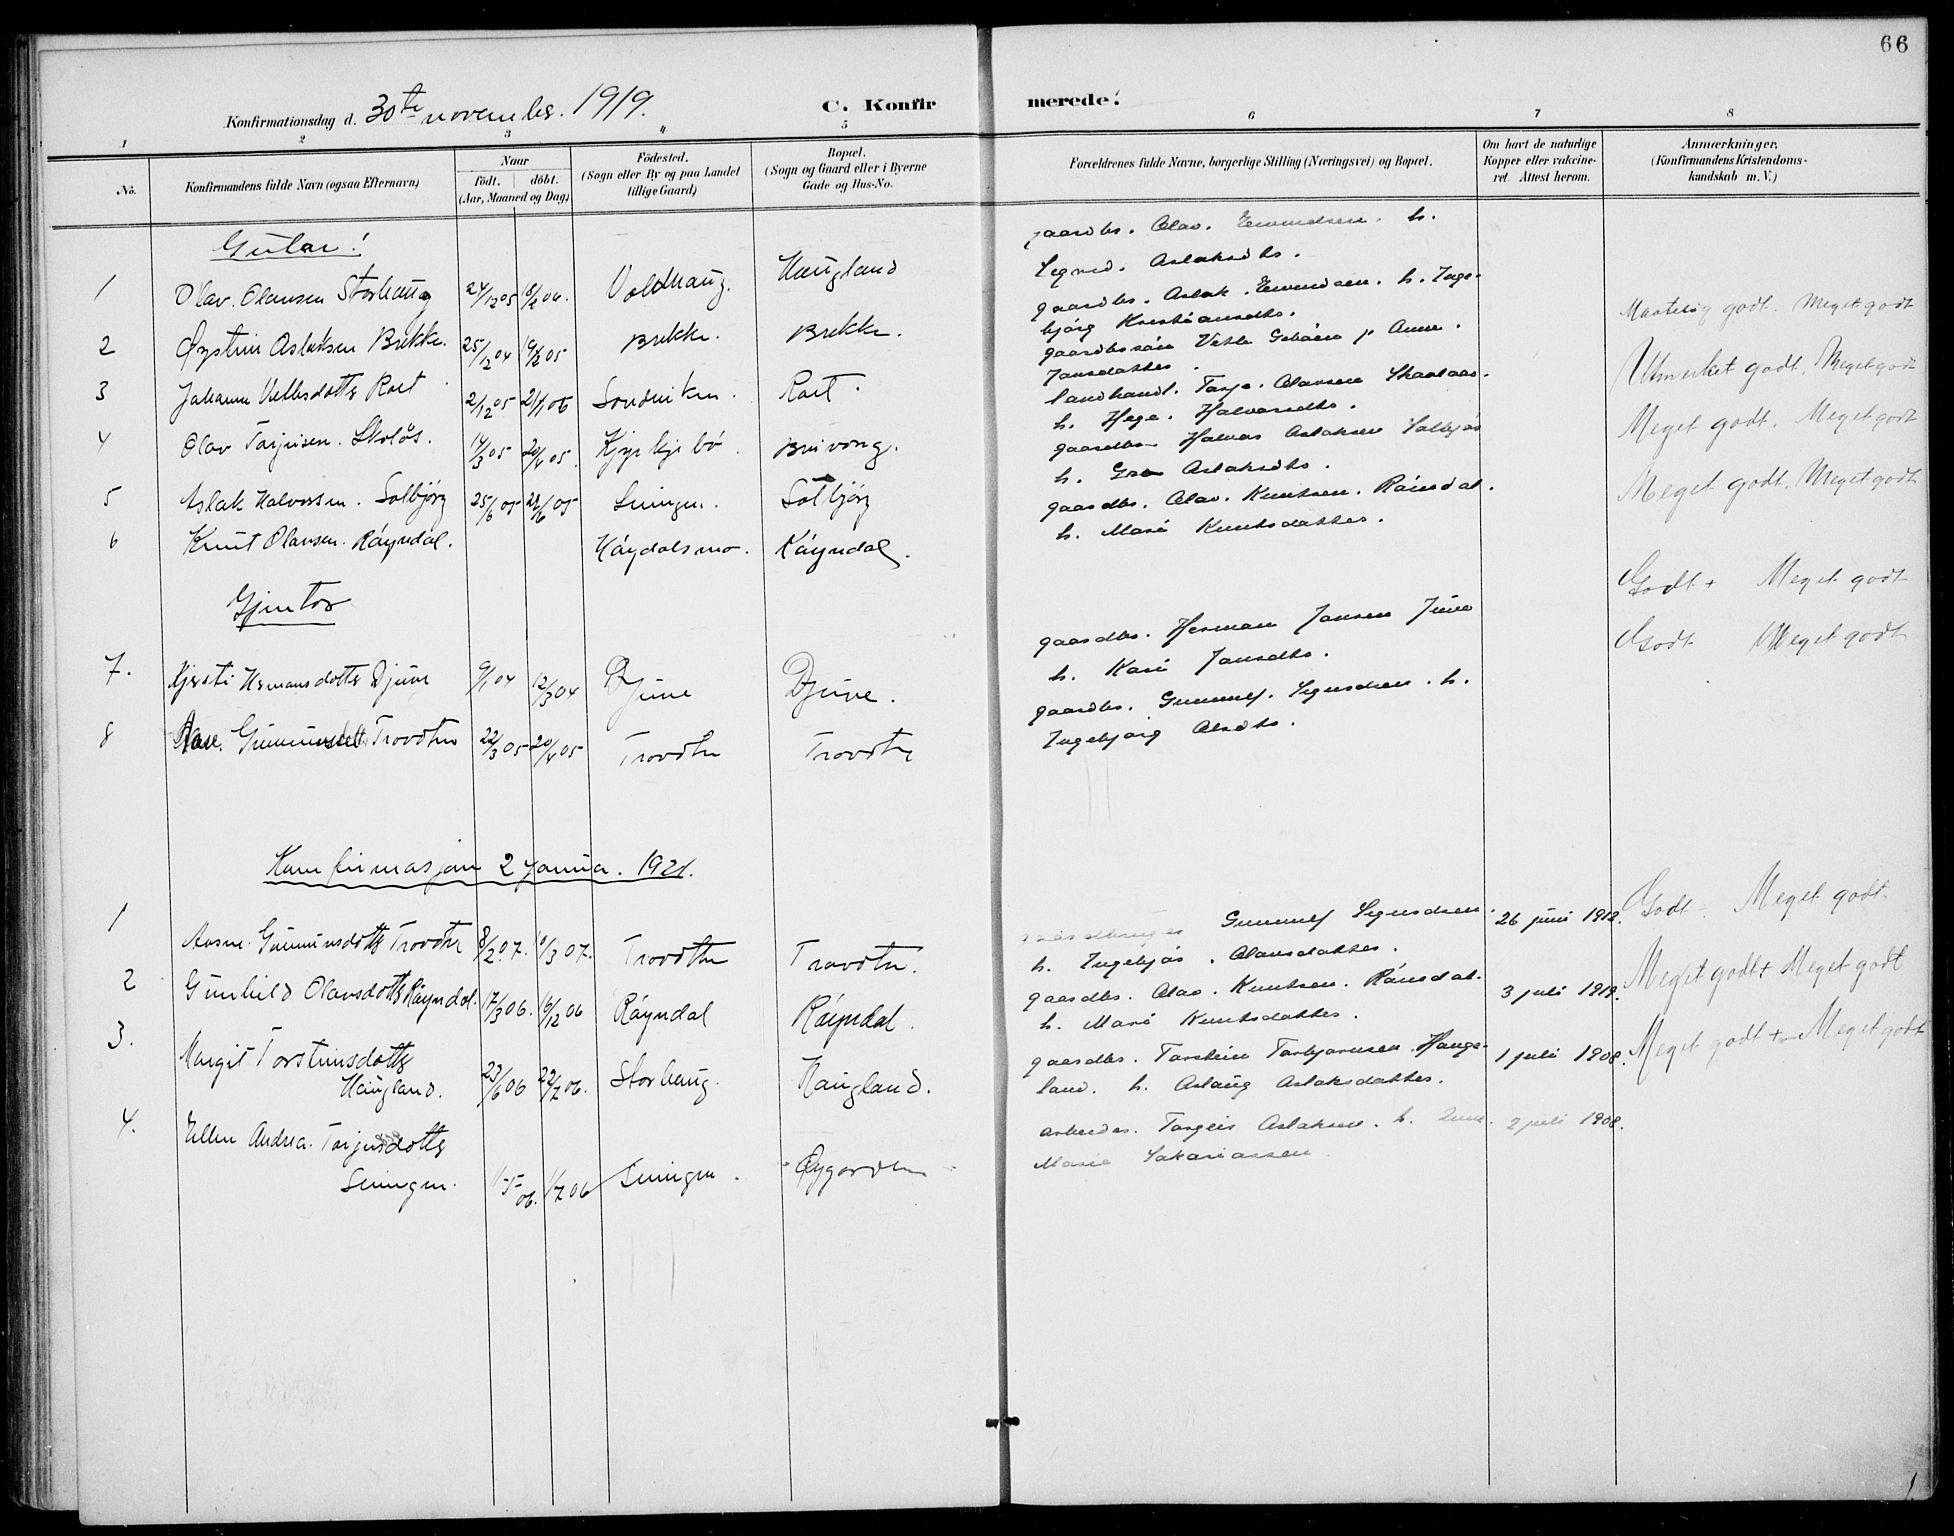 SAKO, Rauland kirkebøker, G/Gb/L0002: Klokkerbok nr. II 2, 1887-1937, s. 66